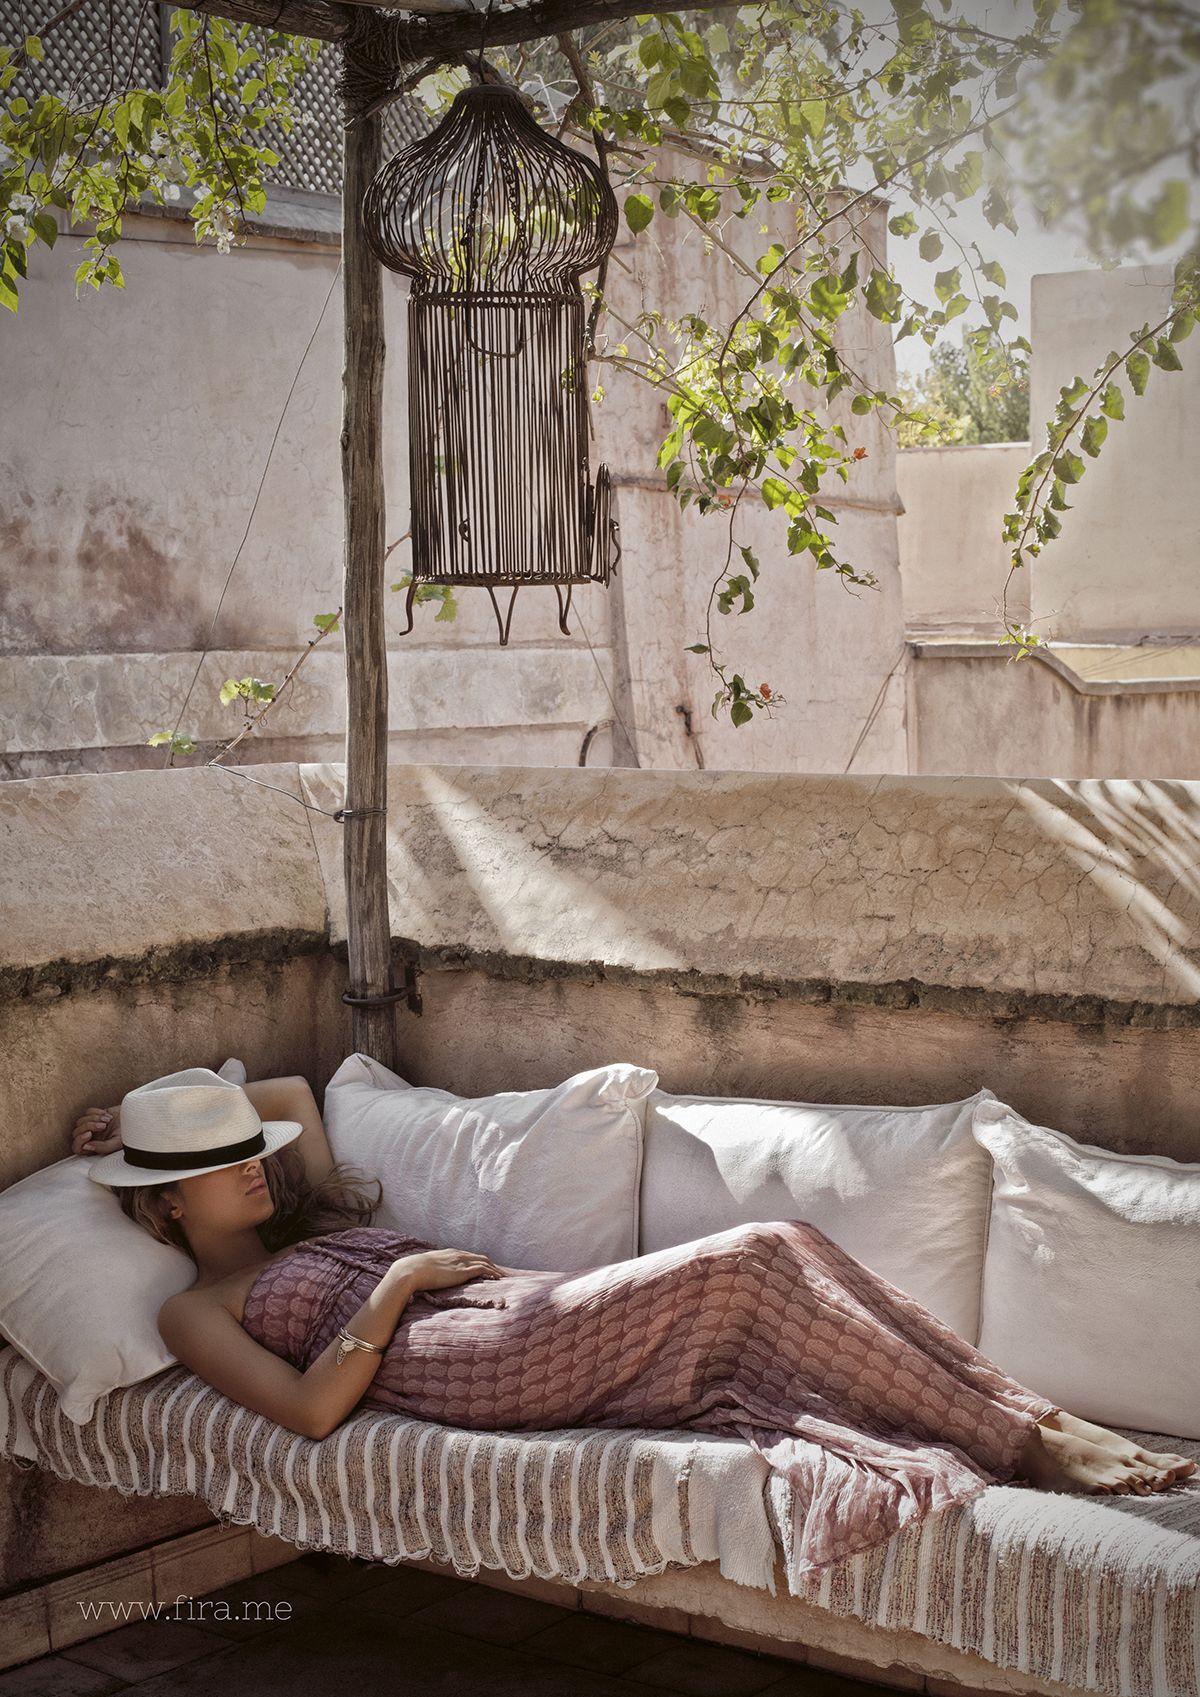 Una mujer tumbada en un diván, a la sombra, echándose una siesta